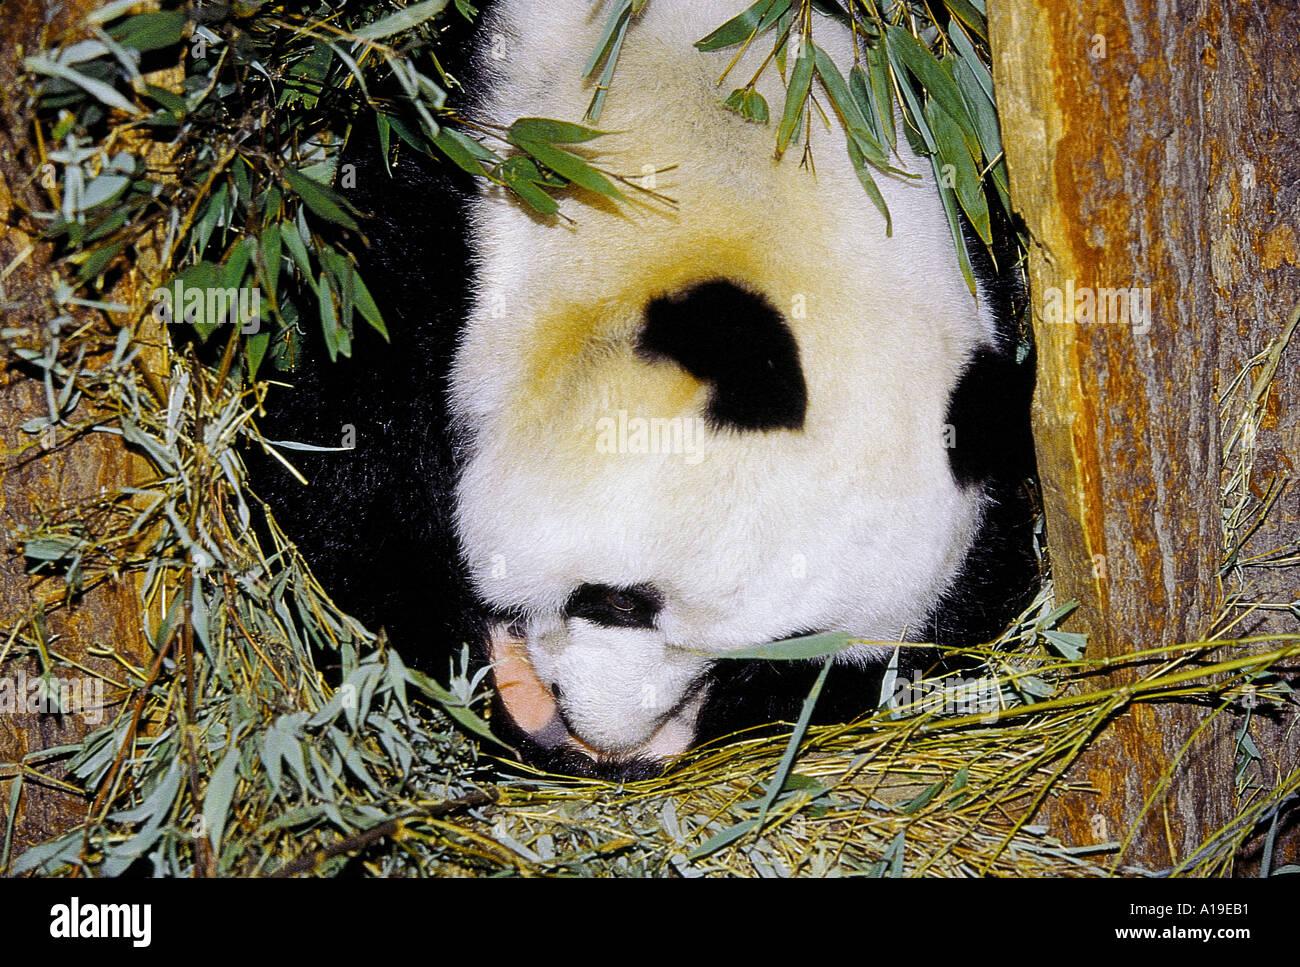 Newborn panda and mom - photo#44